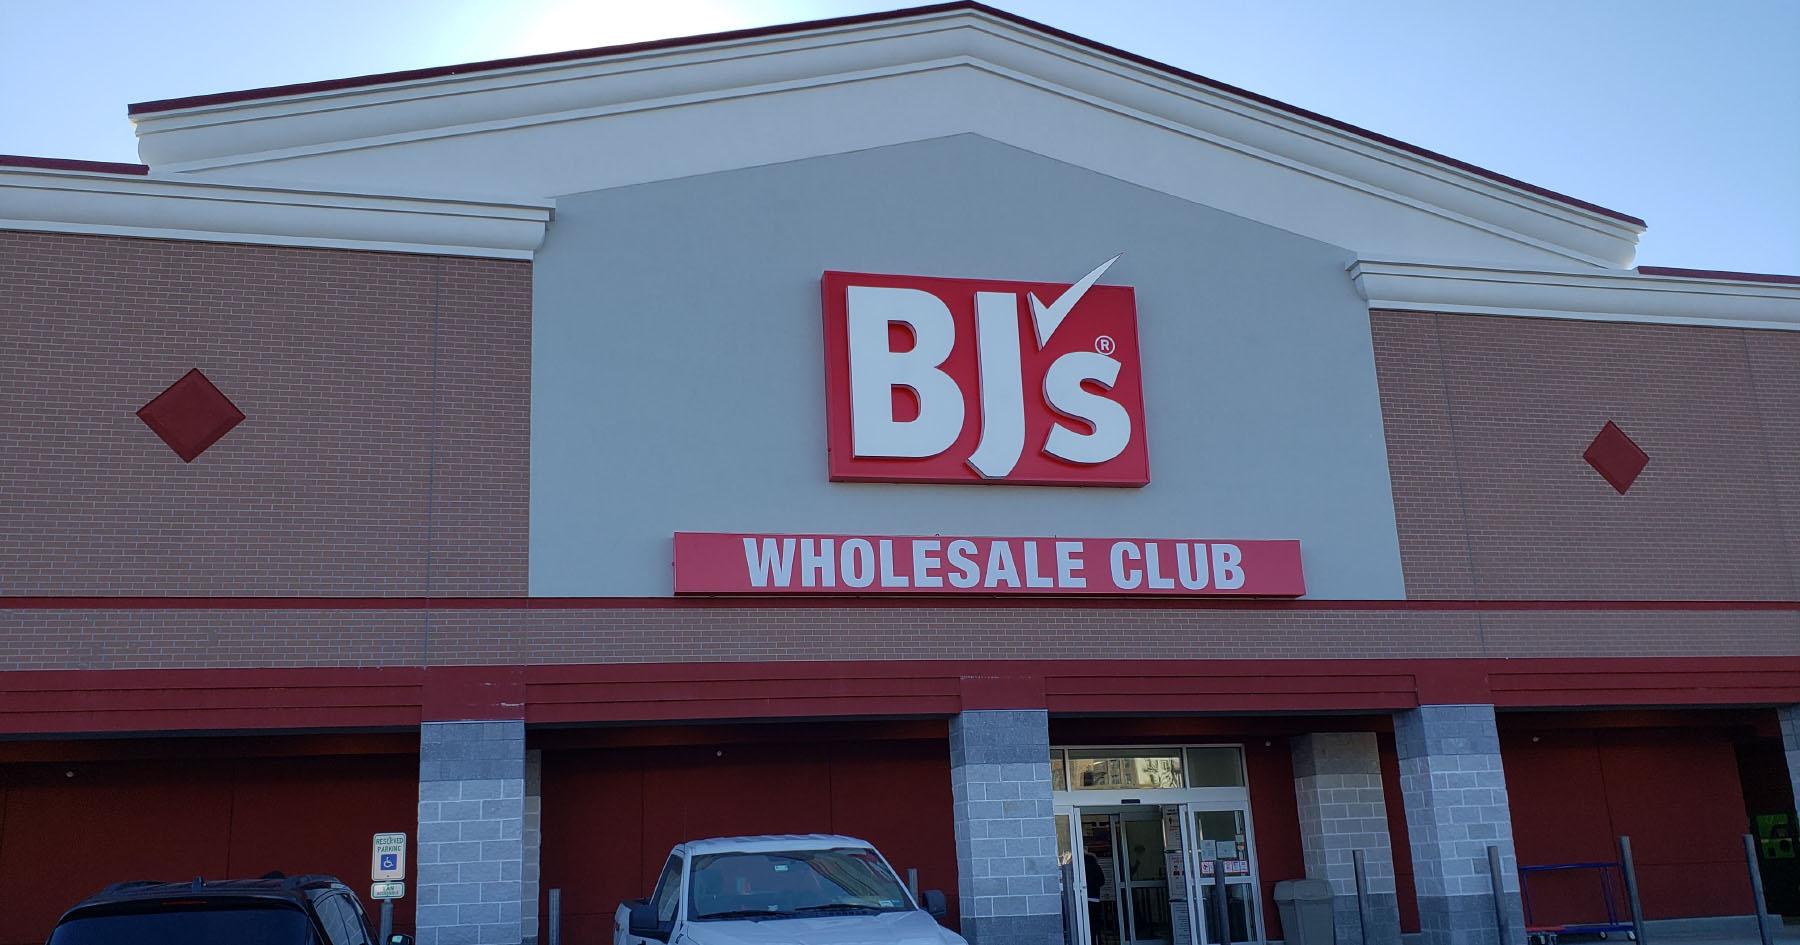 BJs storefront